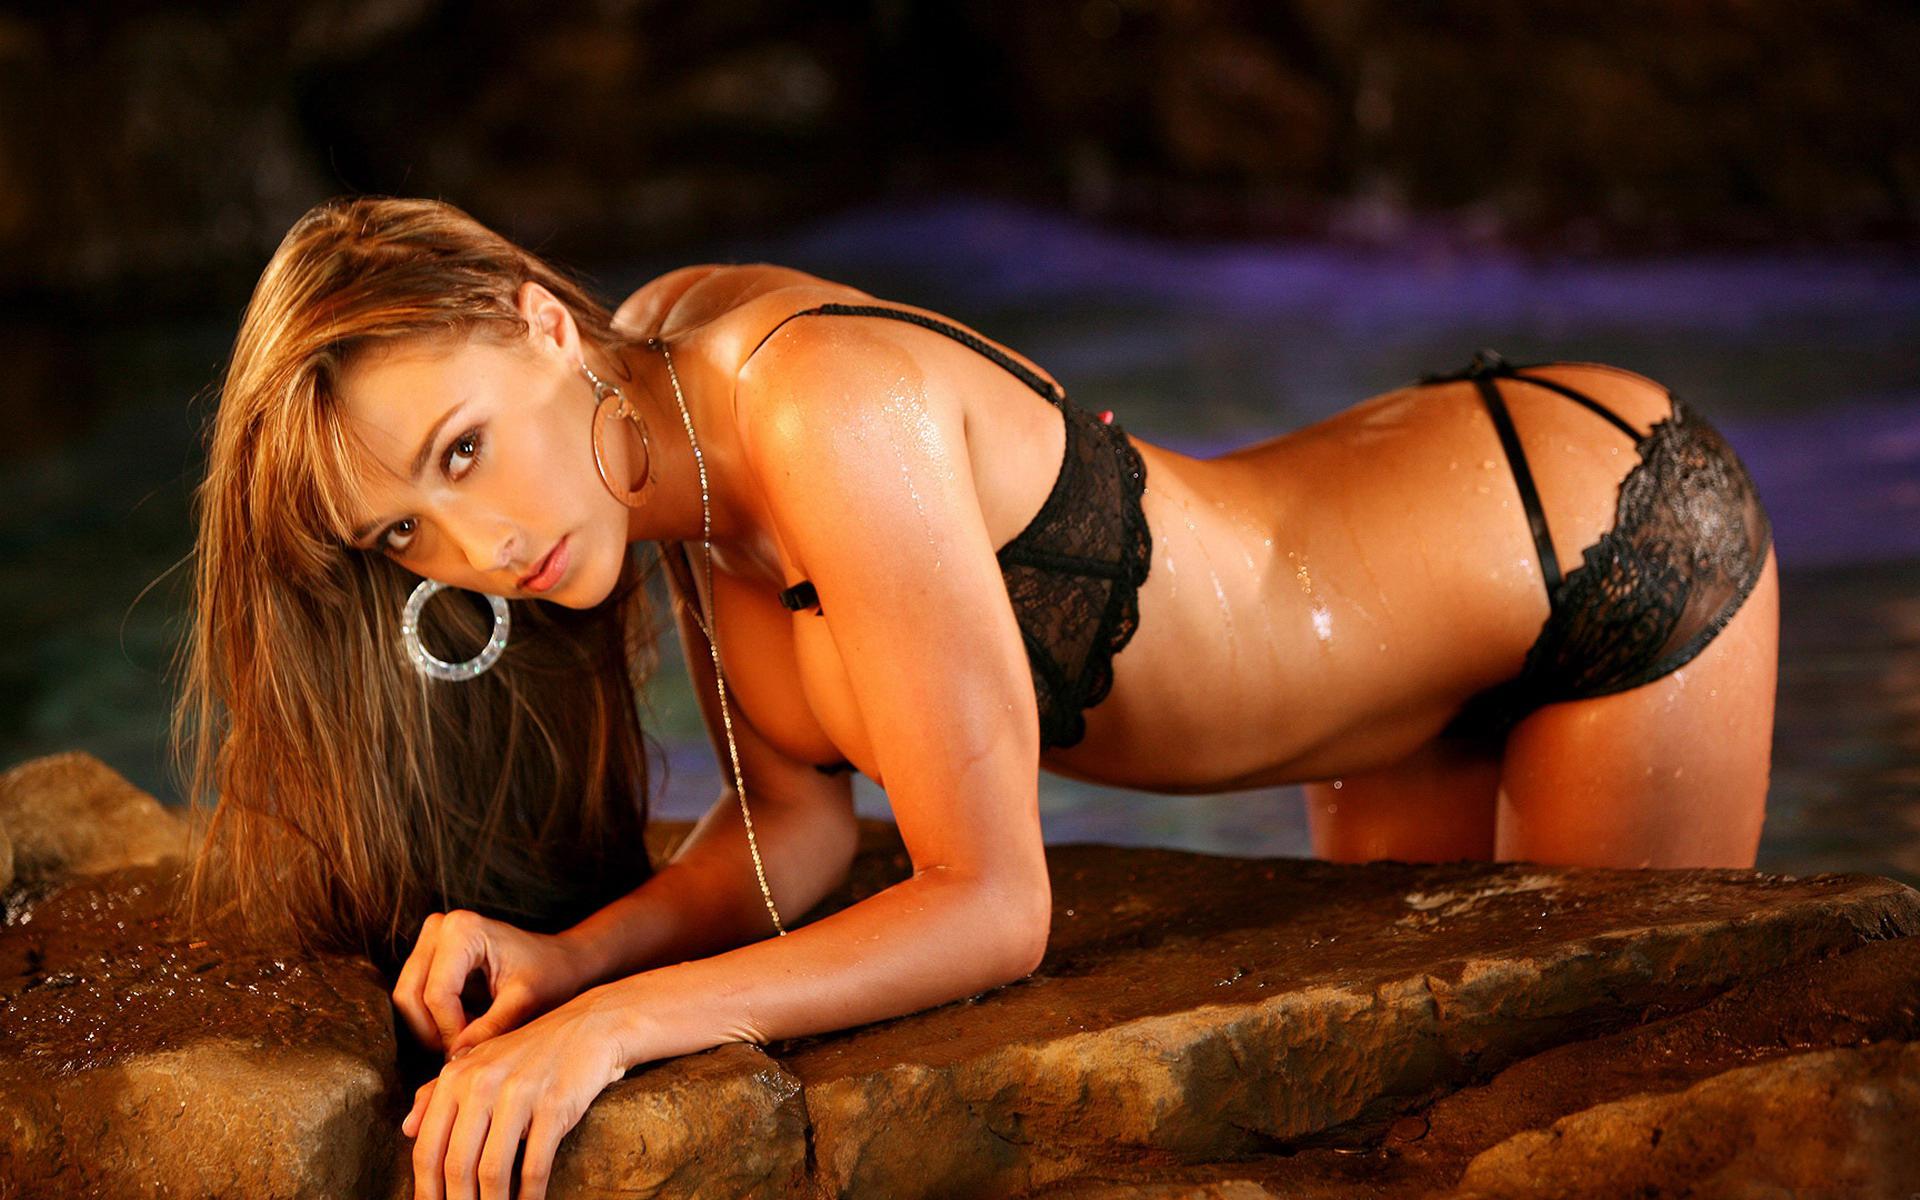 Секси фигурка онлайн 2 фотография